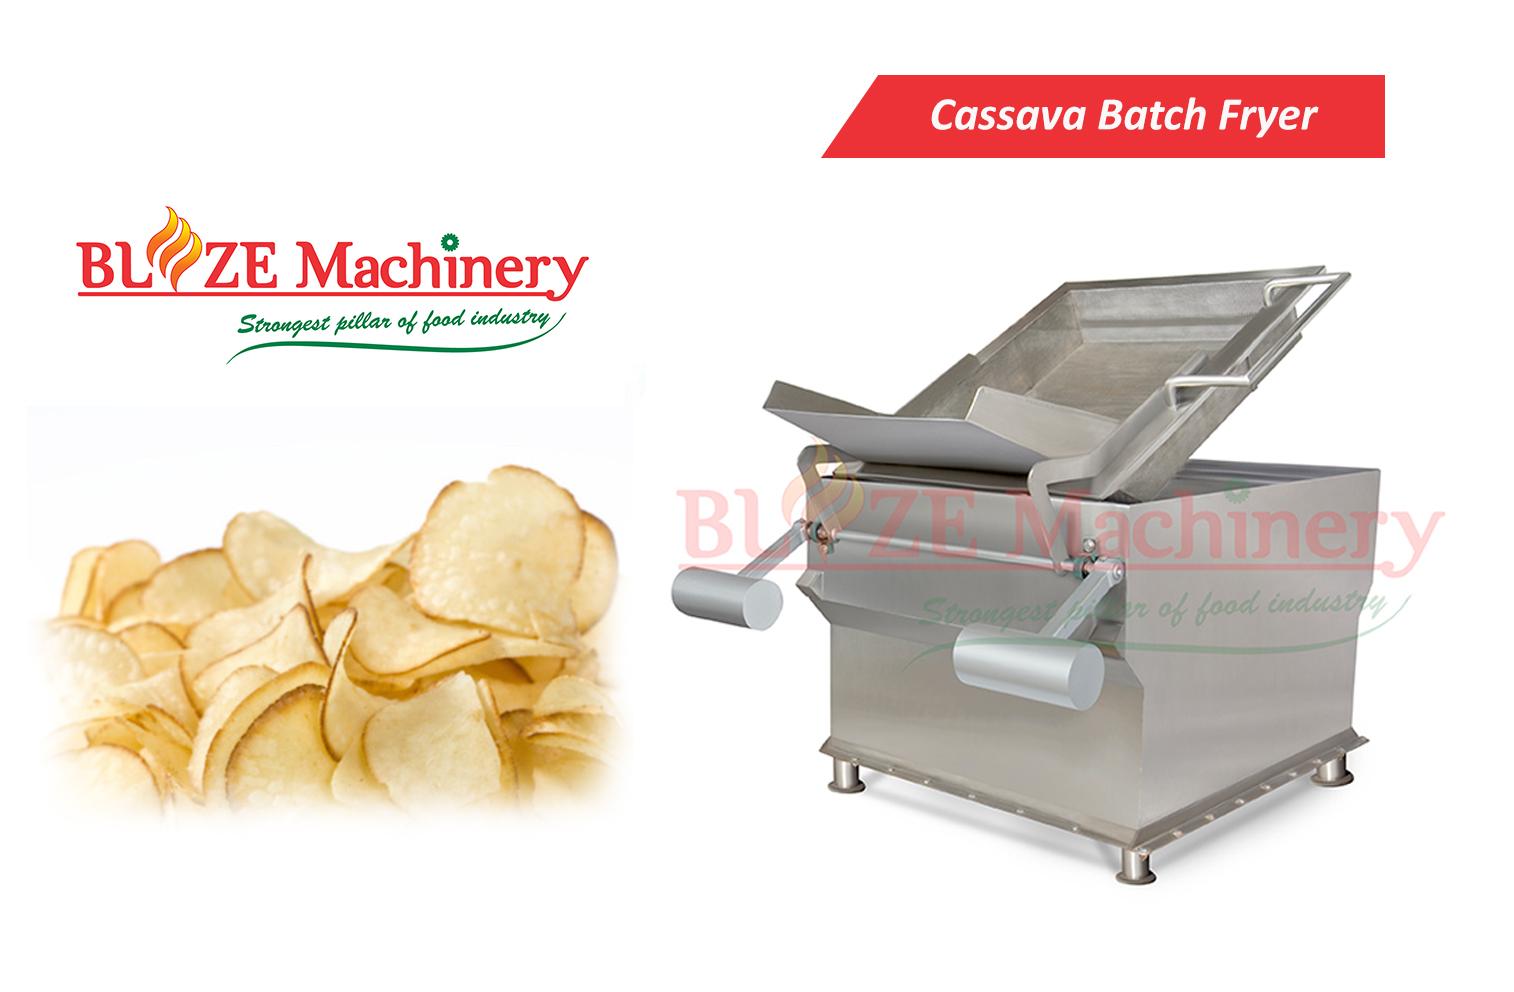 Cassava Batch Fryer